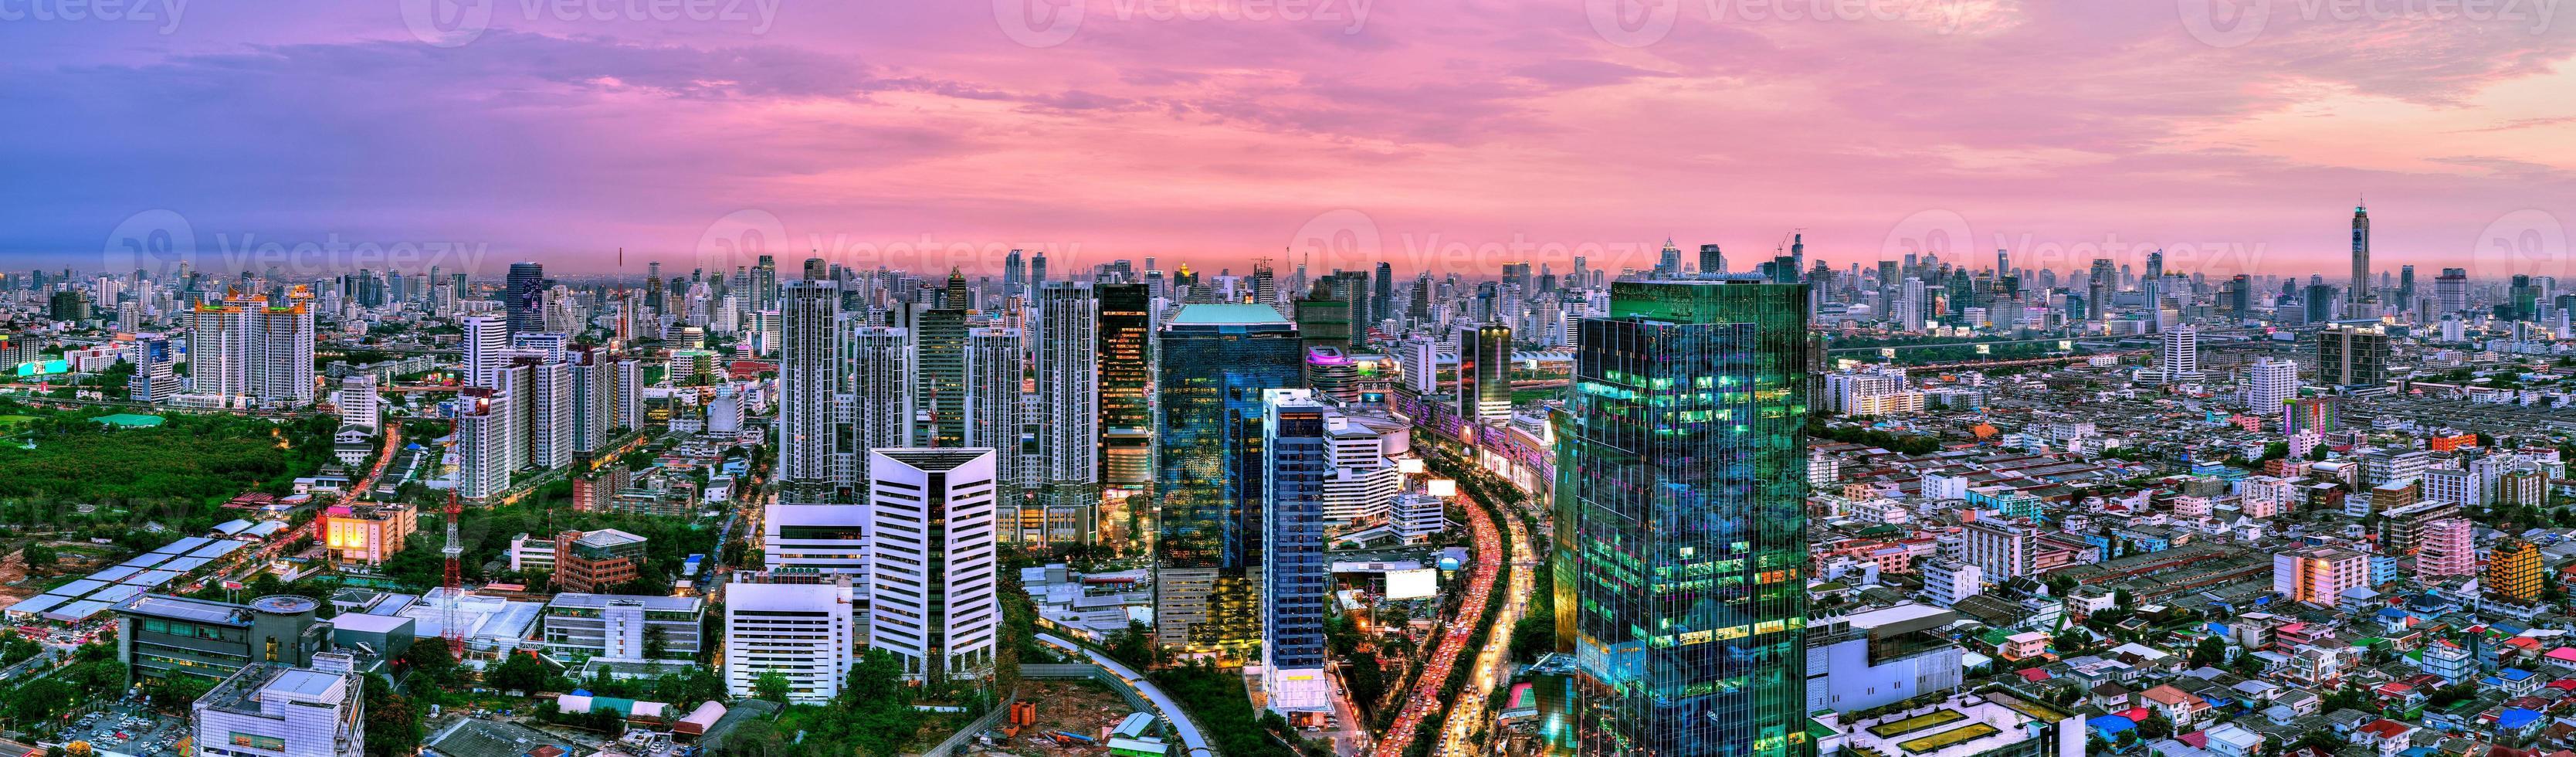 vista panoramica della città di Bangkok scape al tramonto, Tailandia foto